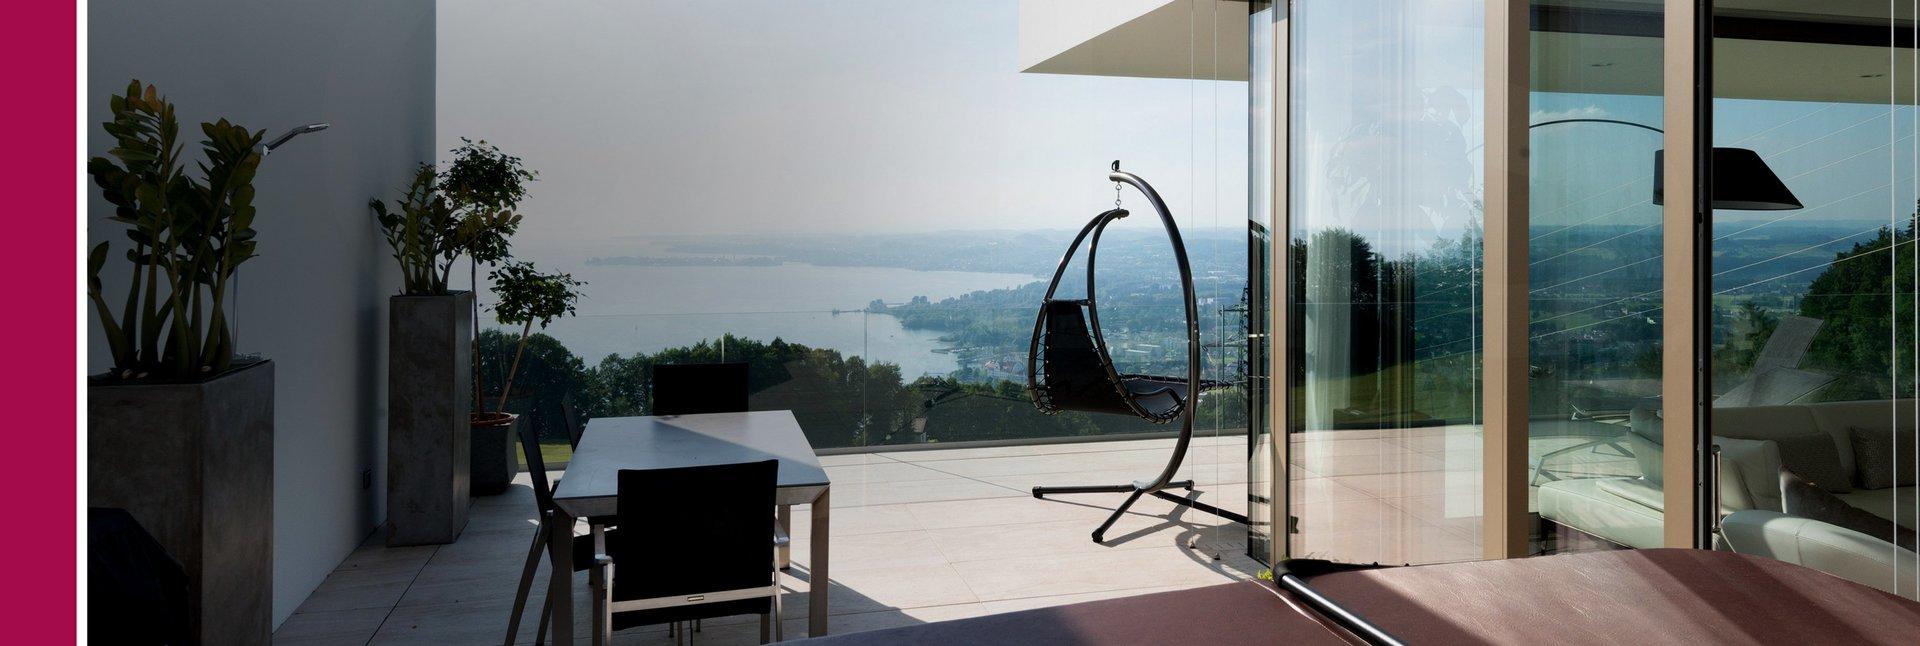 Freizeit Arbeiten ZUhause Heim schöner Wohnen Wohnwelt